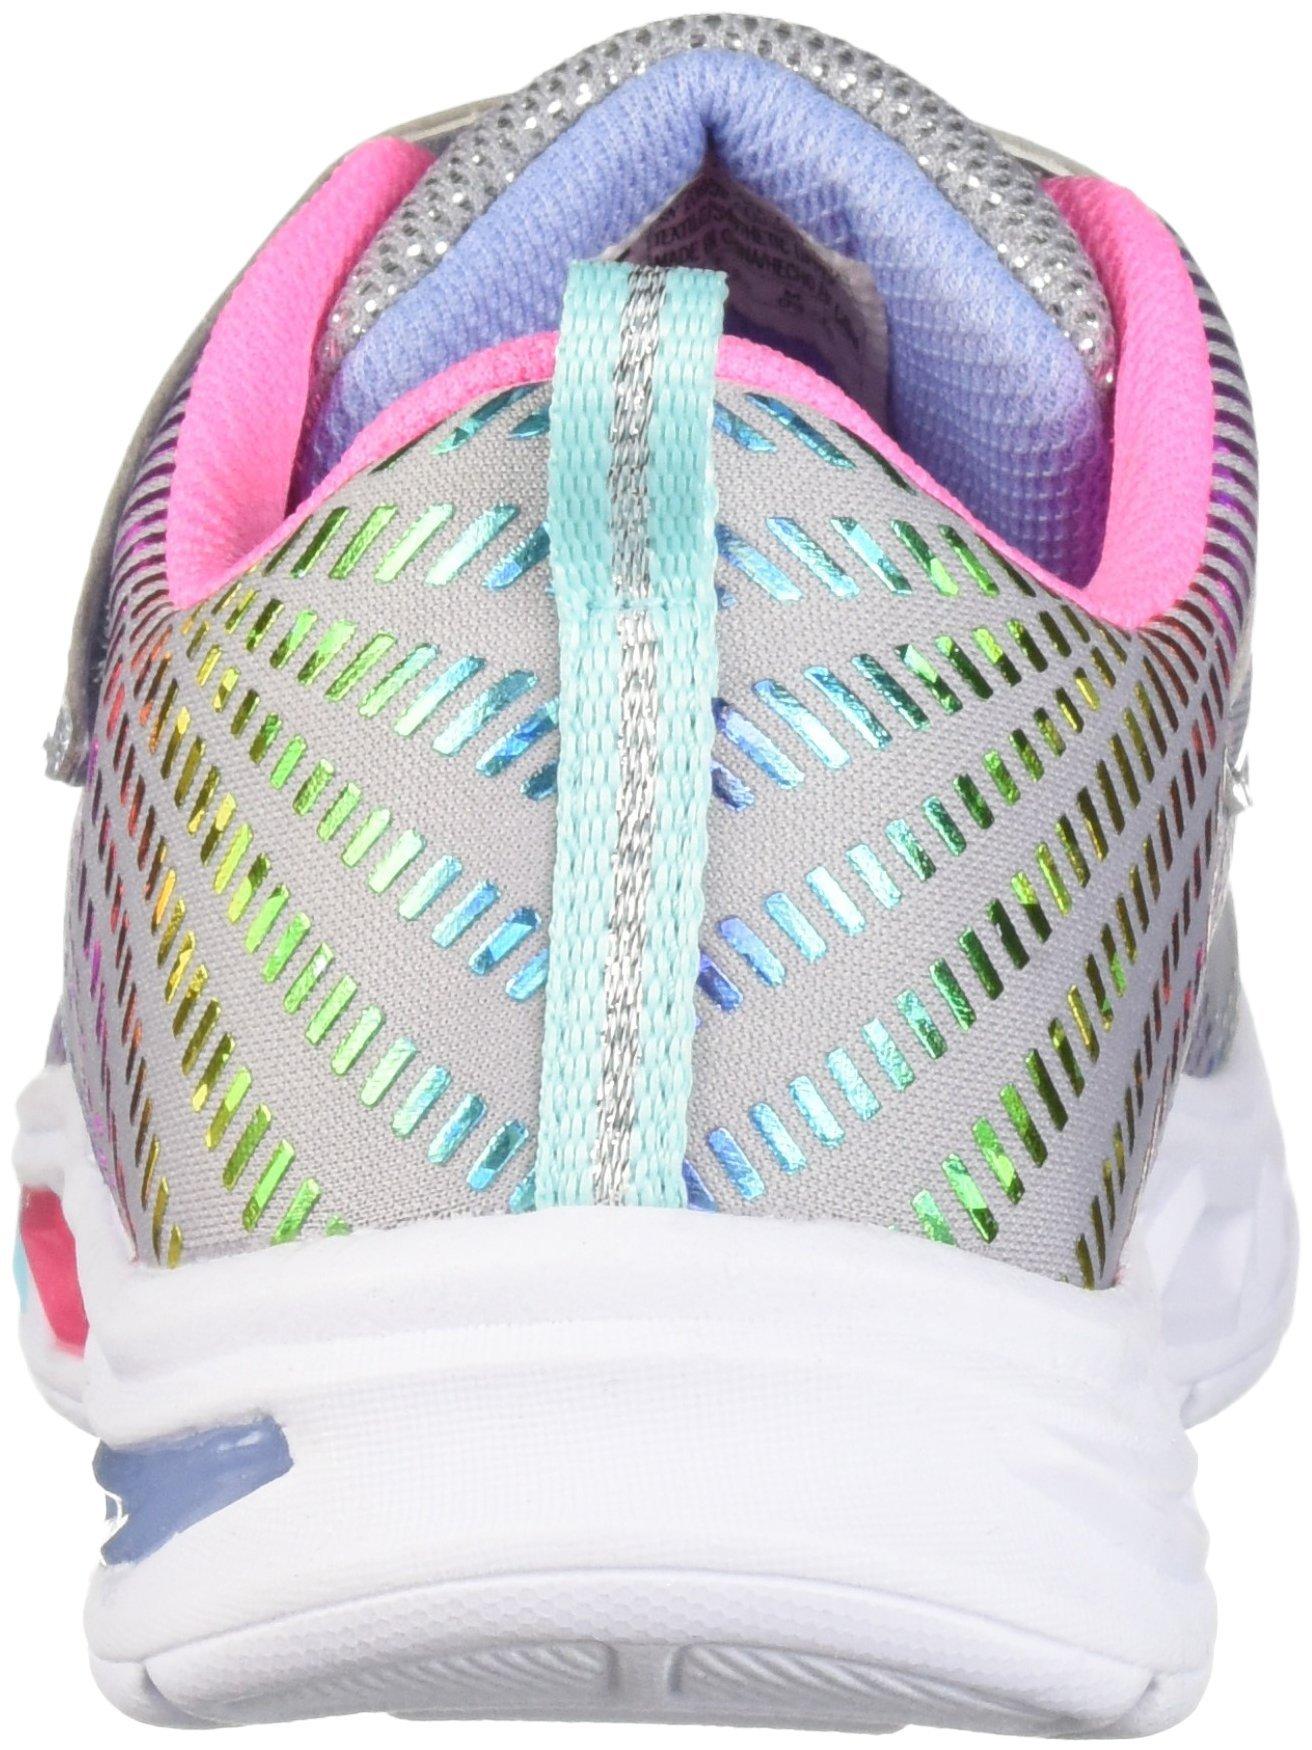 dfa617c28d46 Skechers Kids  Litebeams-Gleam N dream Sneaker